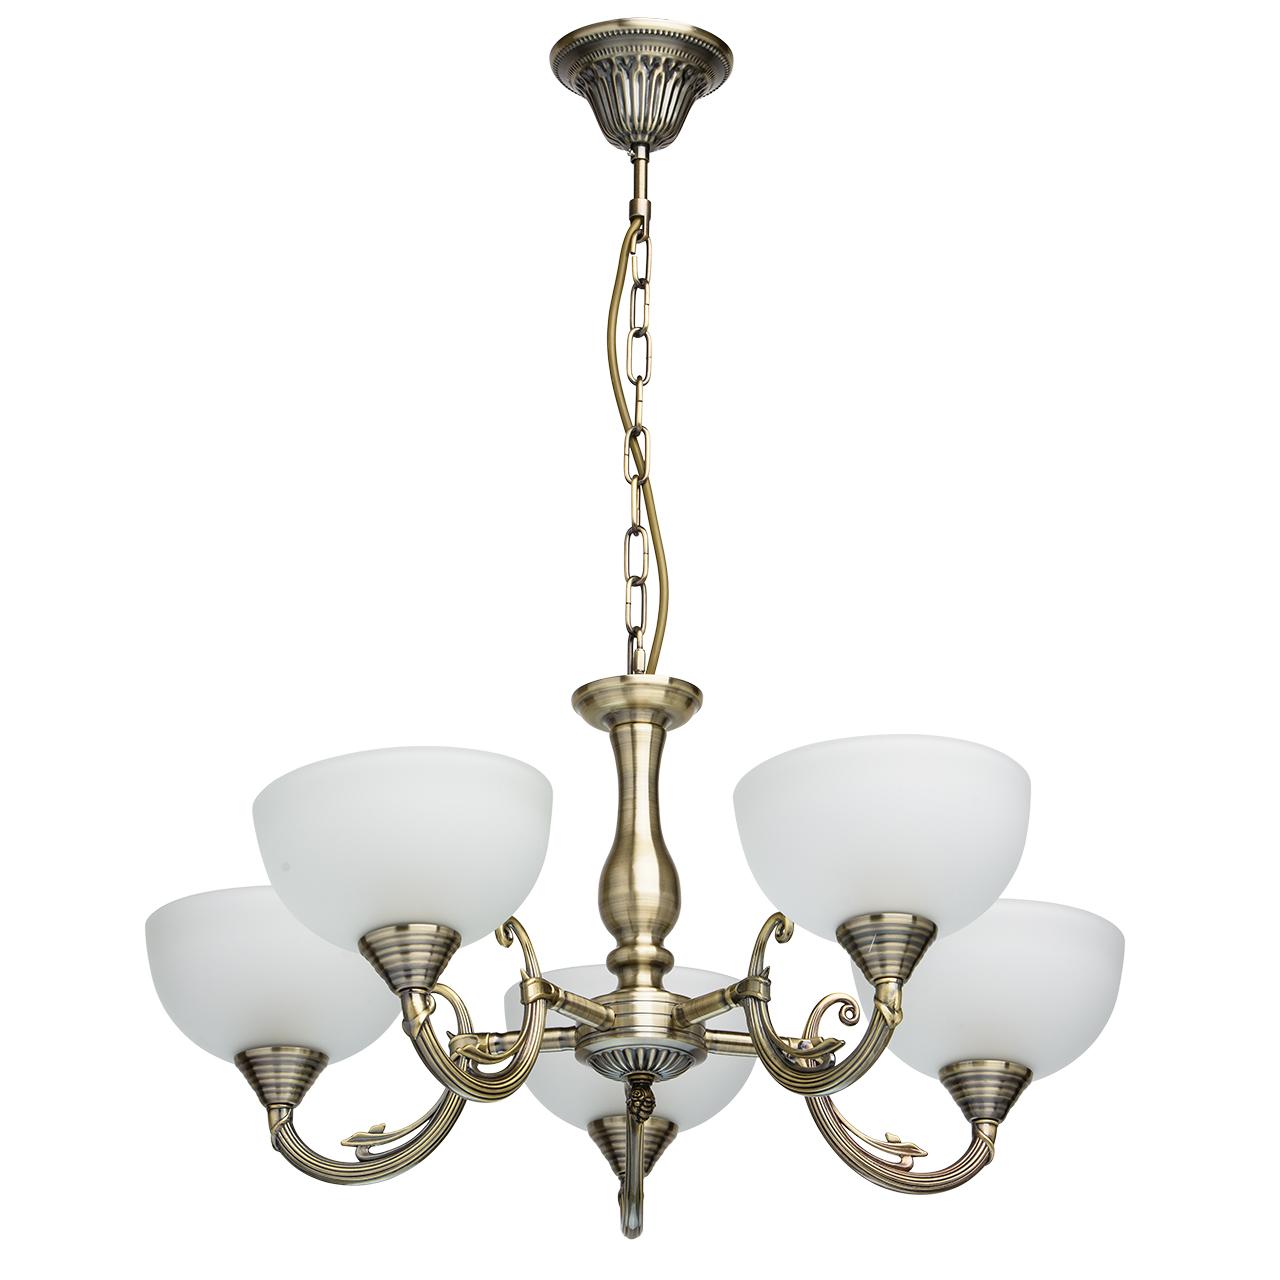 Люстра Mw lightЛюстры<br>Назначение светильника: для спальни, Стиль светильника: классика, Тип: подвесная, Материал светильника: металл, стекло, Материал плафона: стекло, Материал арматуры: металл, Длина (мм): 330, Ширина: 360, Высота: 770, Количество ламп: 5, Тип лампы: накаливания, Мощность: 60, Патрон: Е27, Цвет арматуры: алюминий, Родина бренда: Германия, Коллекция: Олимп<br>